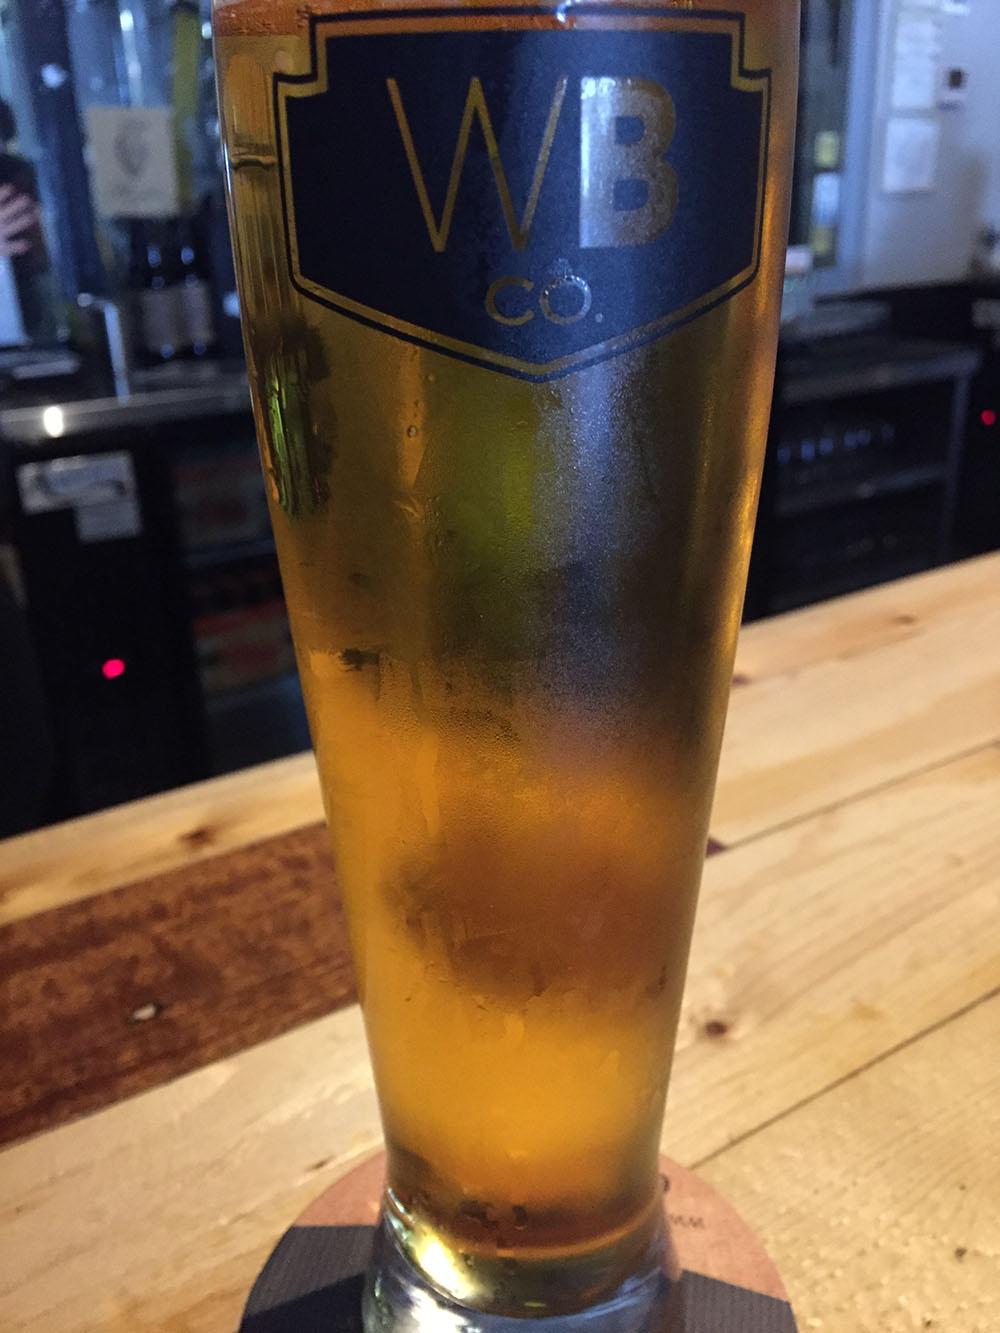 こちらがウインウッド・ブリュワリーのビール。濃厚だがさっぱりしている